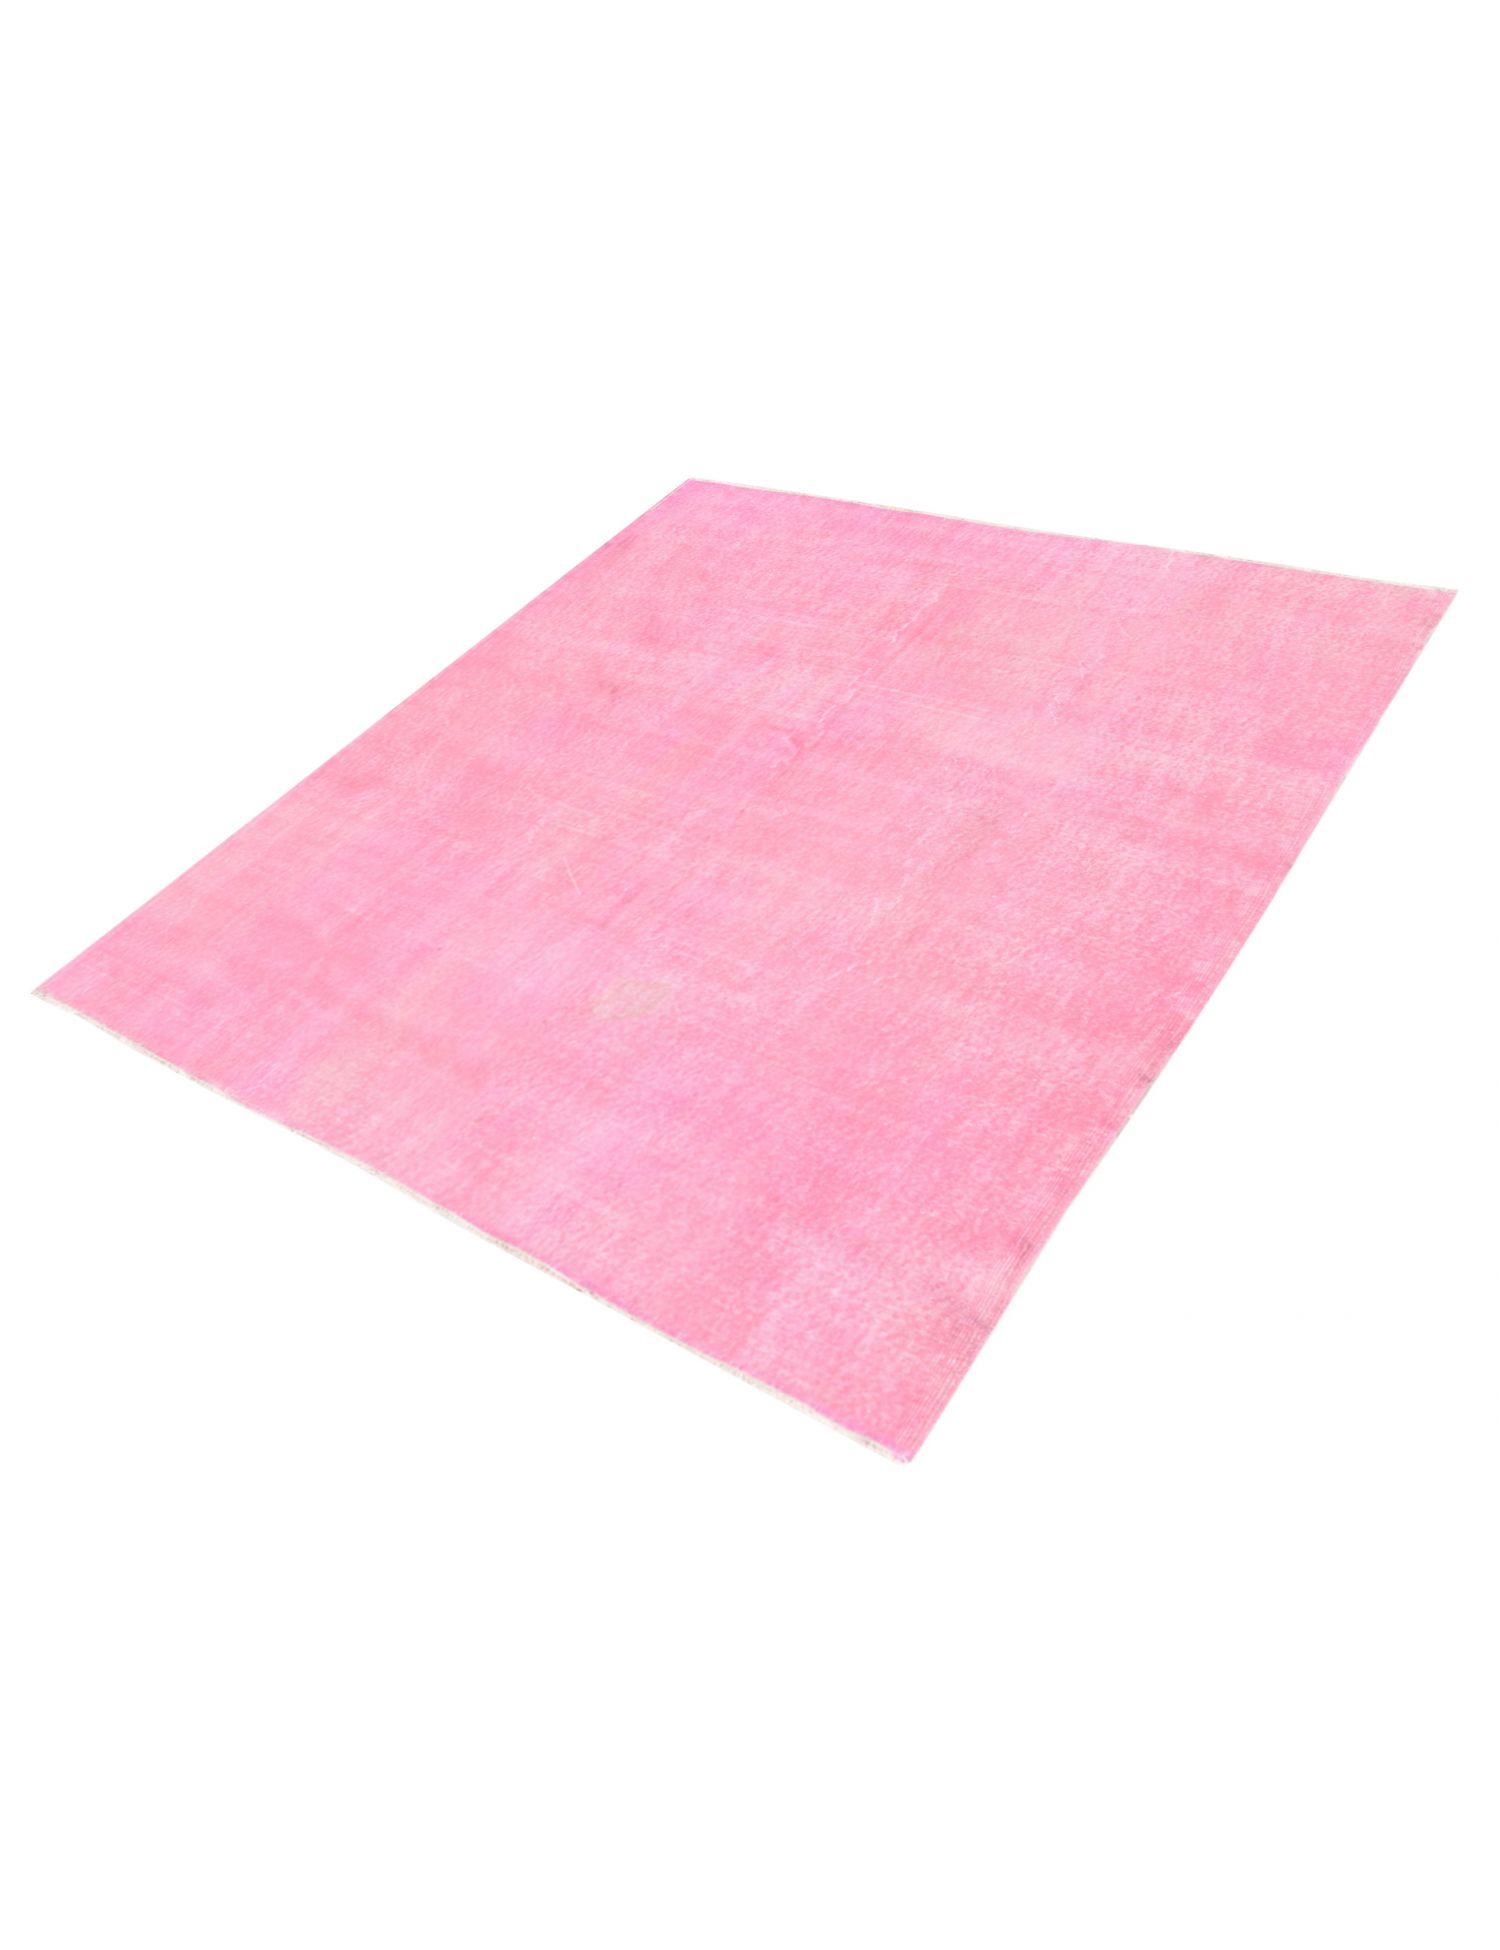 Vintage Teppich  rosa <br/>206 x 206 cm